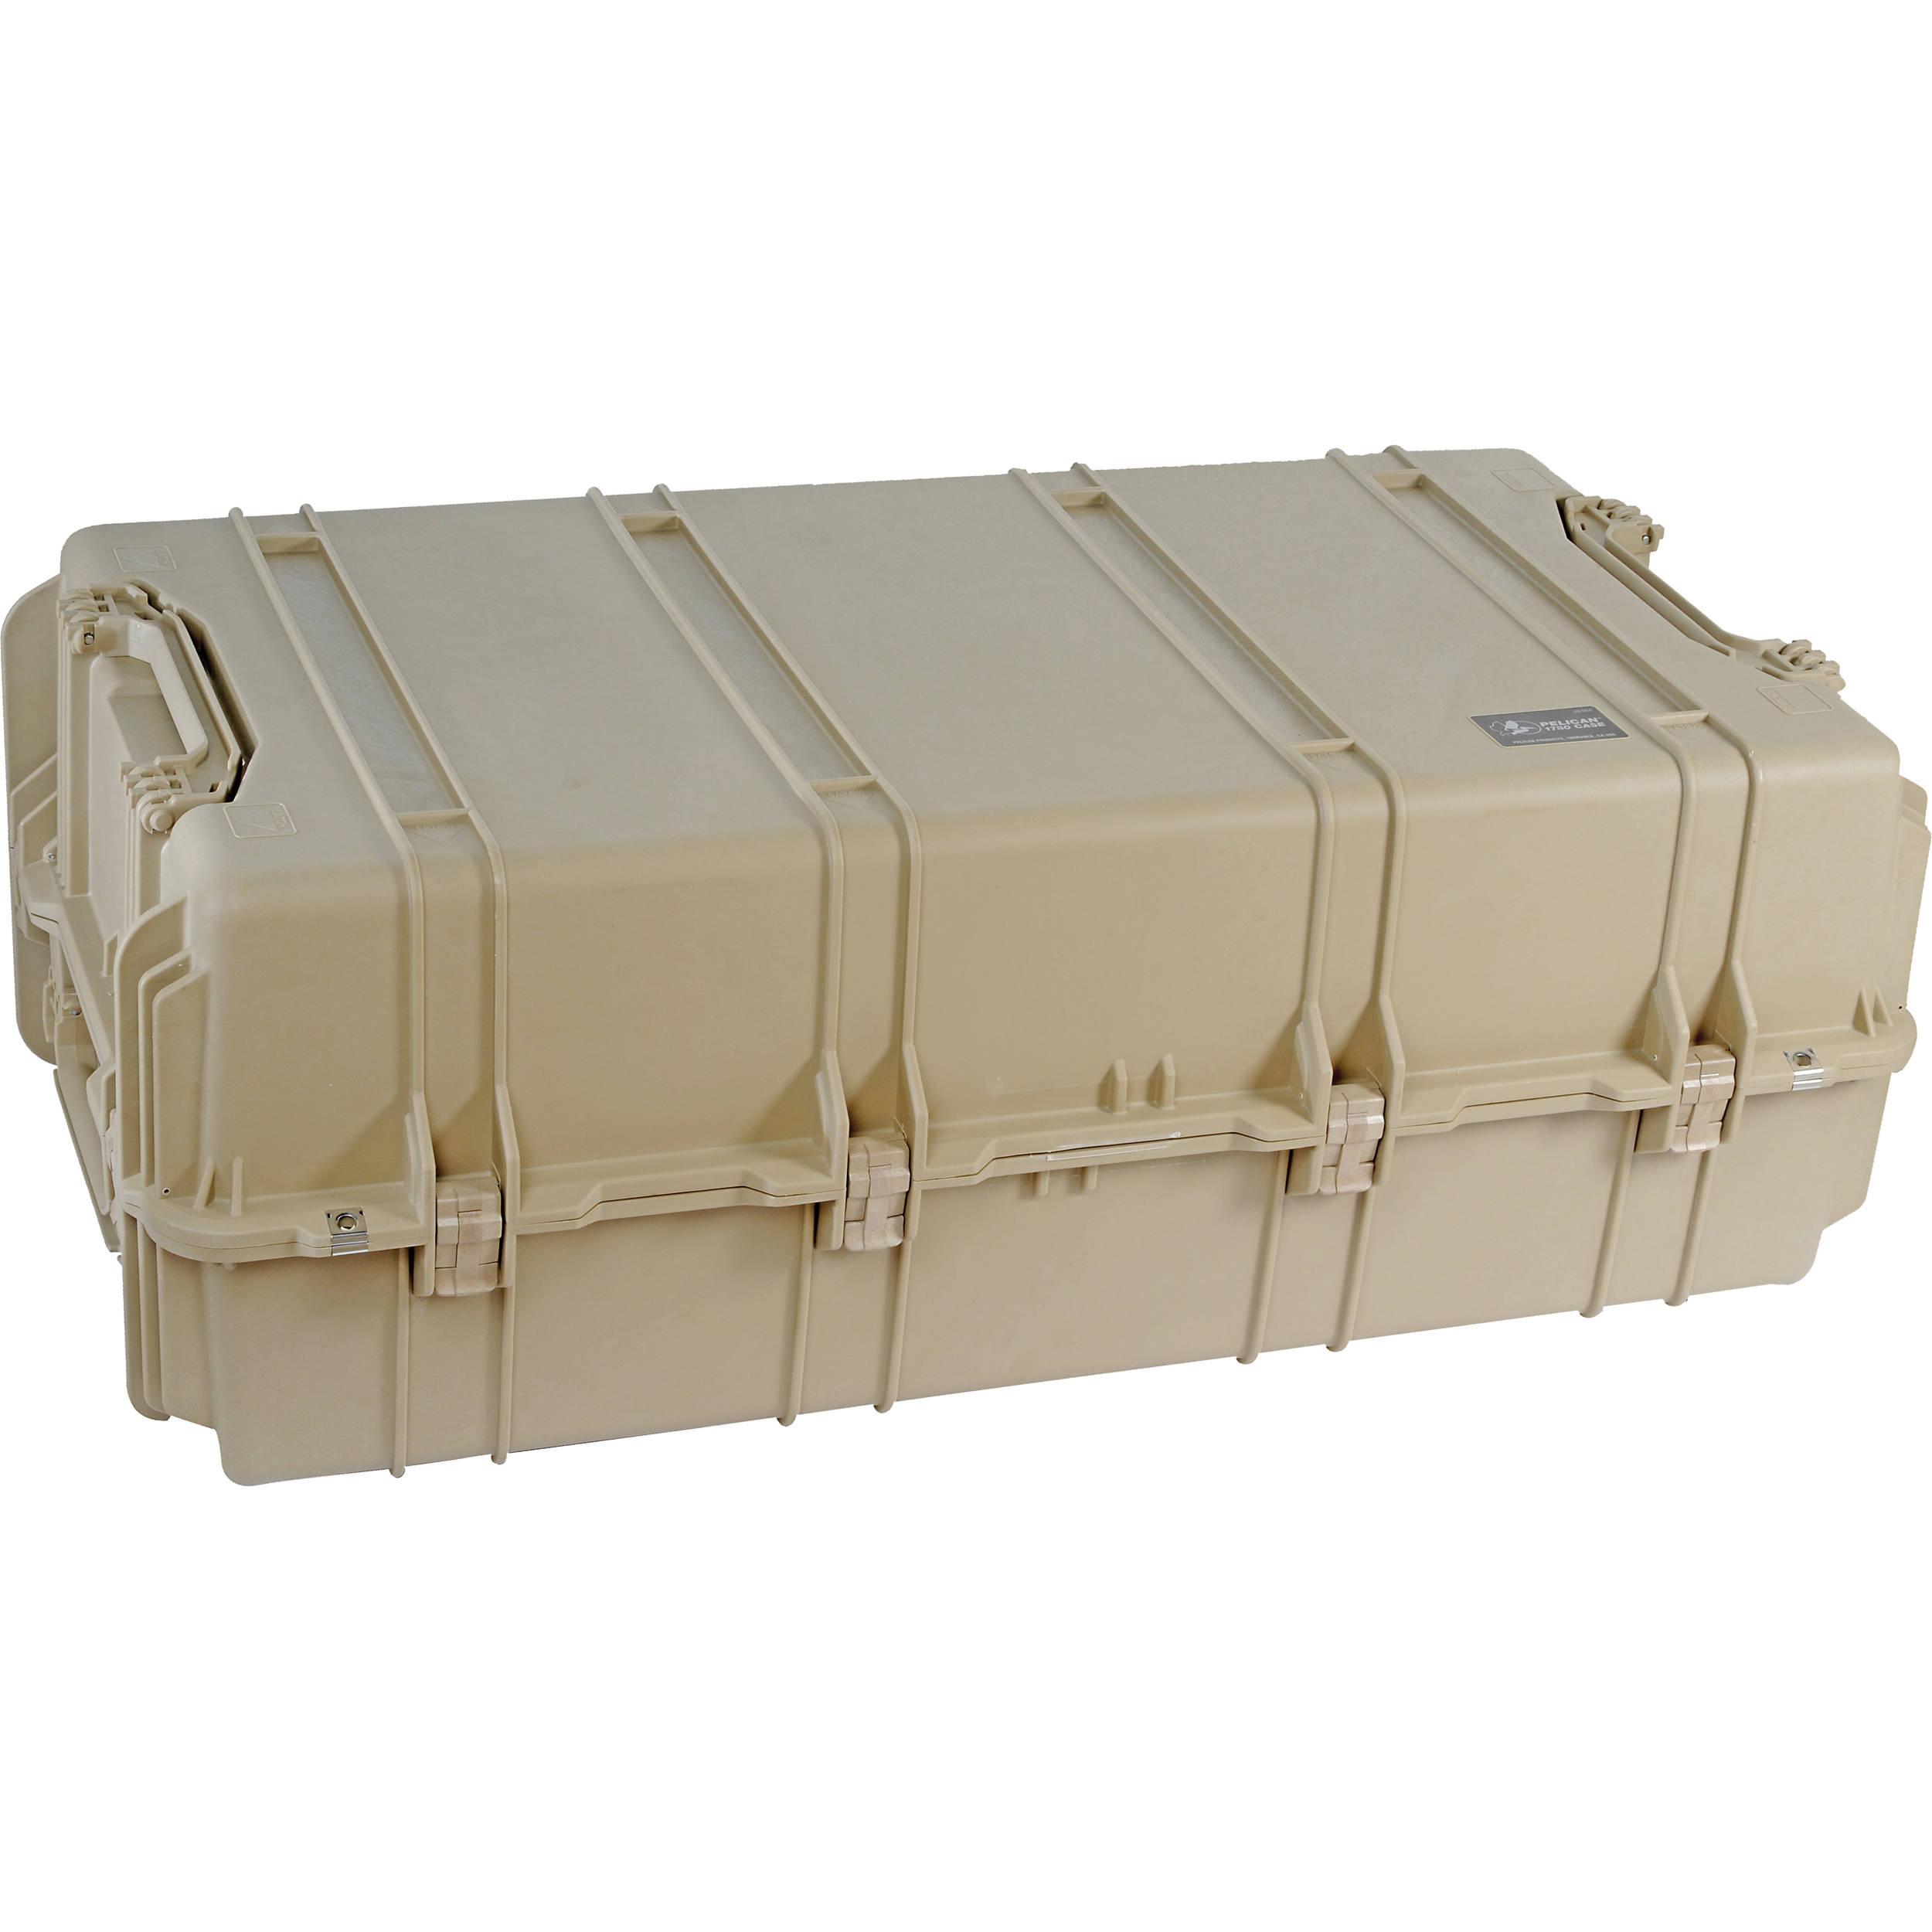 Pelican 1780TNF Transport Case without Foam (Desert Tan)